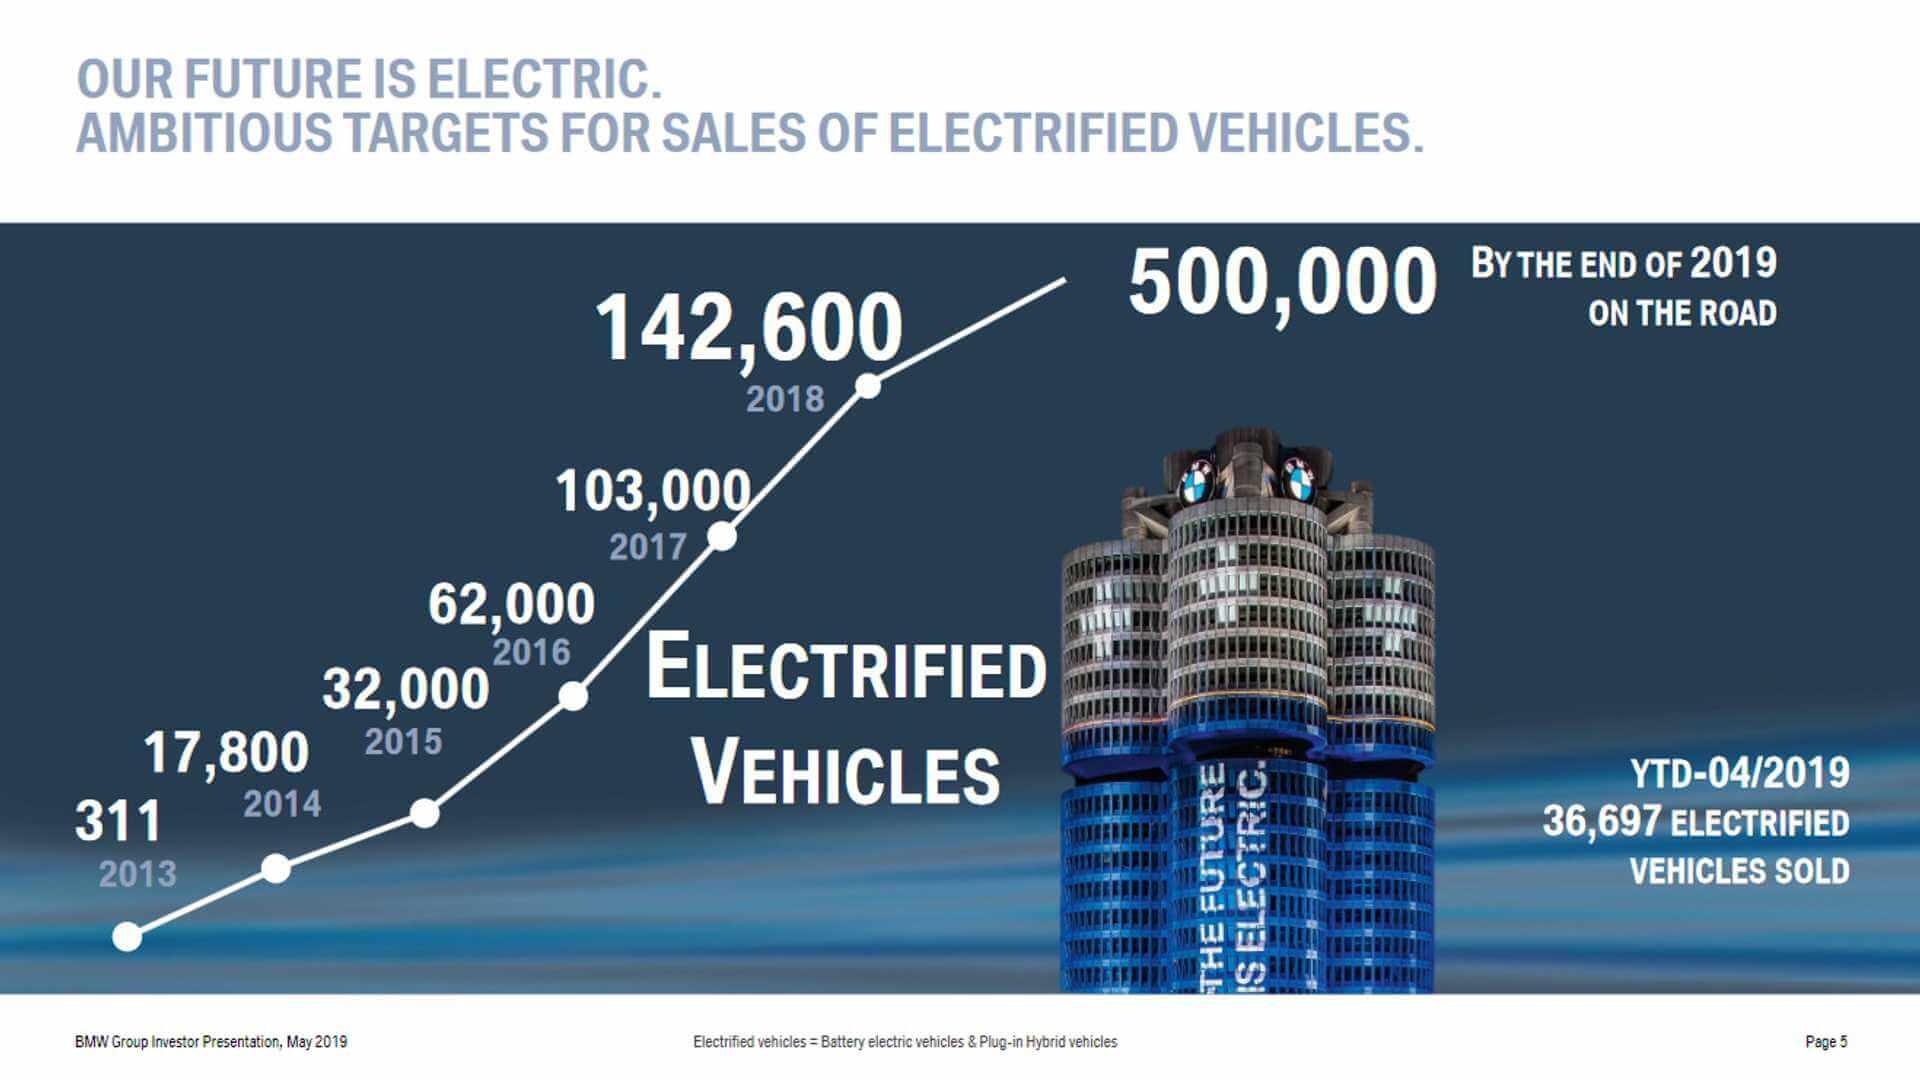 Планы продаж электрифицированных автомобилей BMW на 2019 год